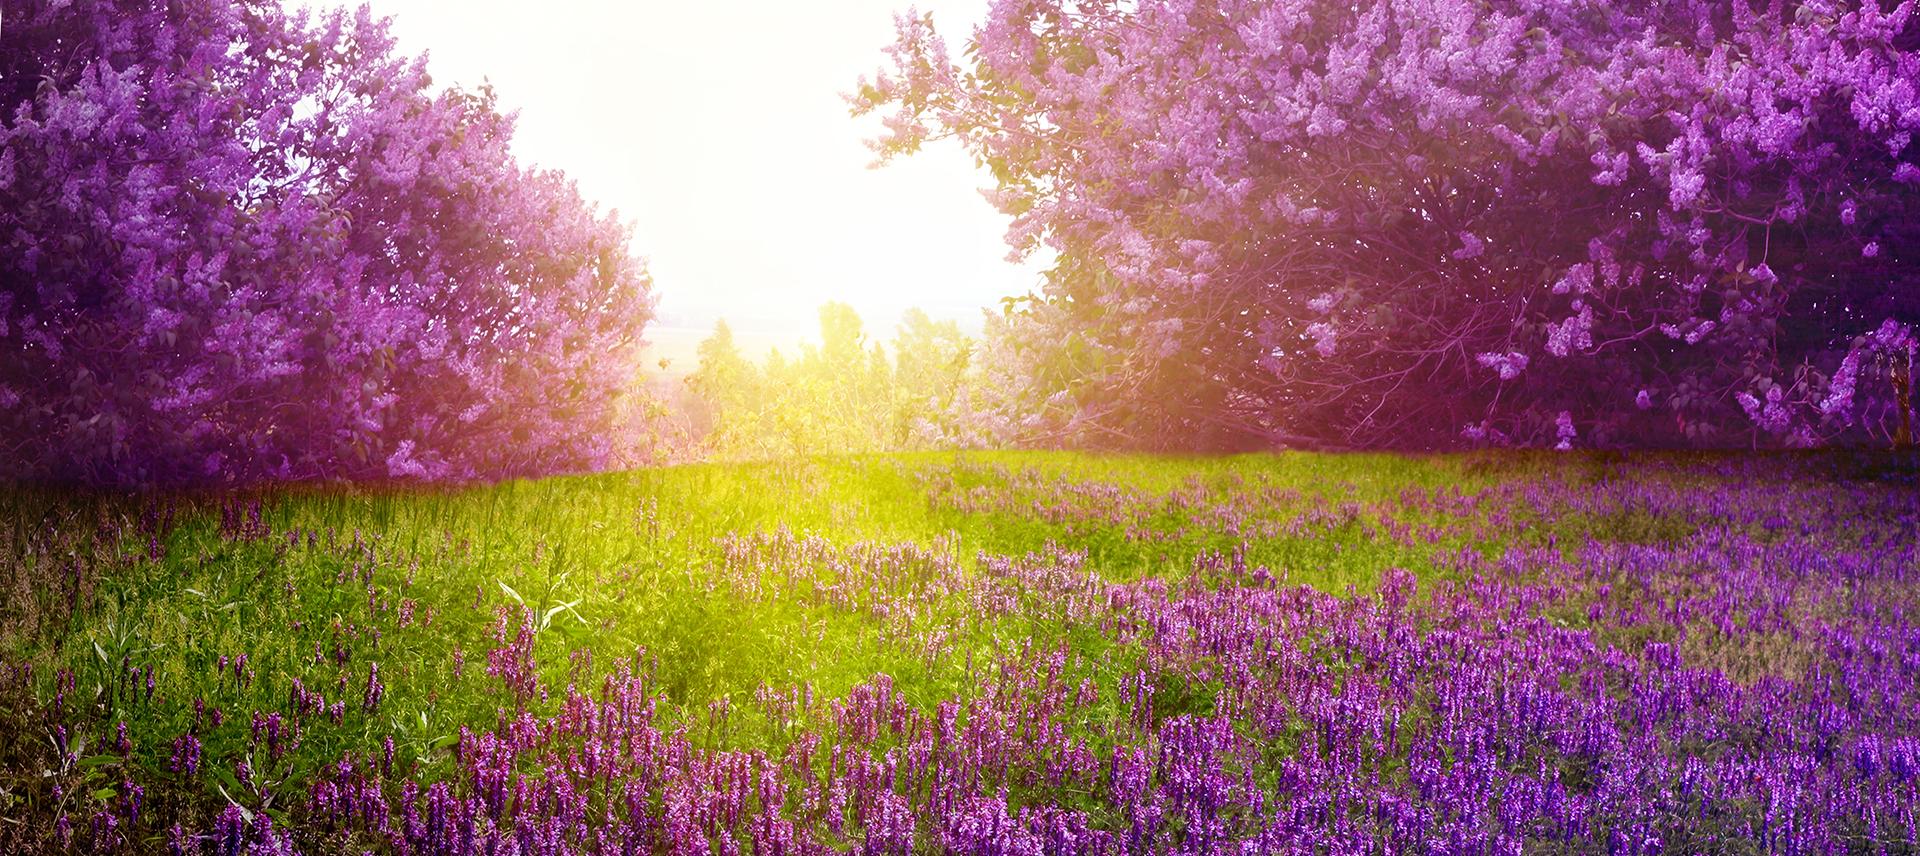 Romantic Lavender Background Banner Romantic Lavender